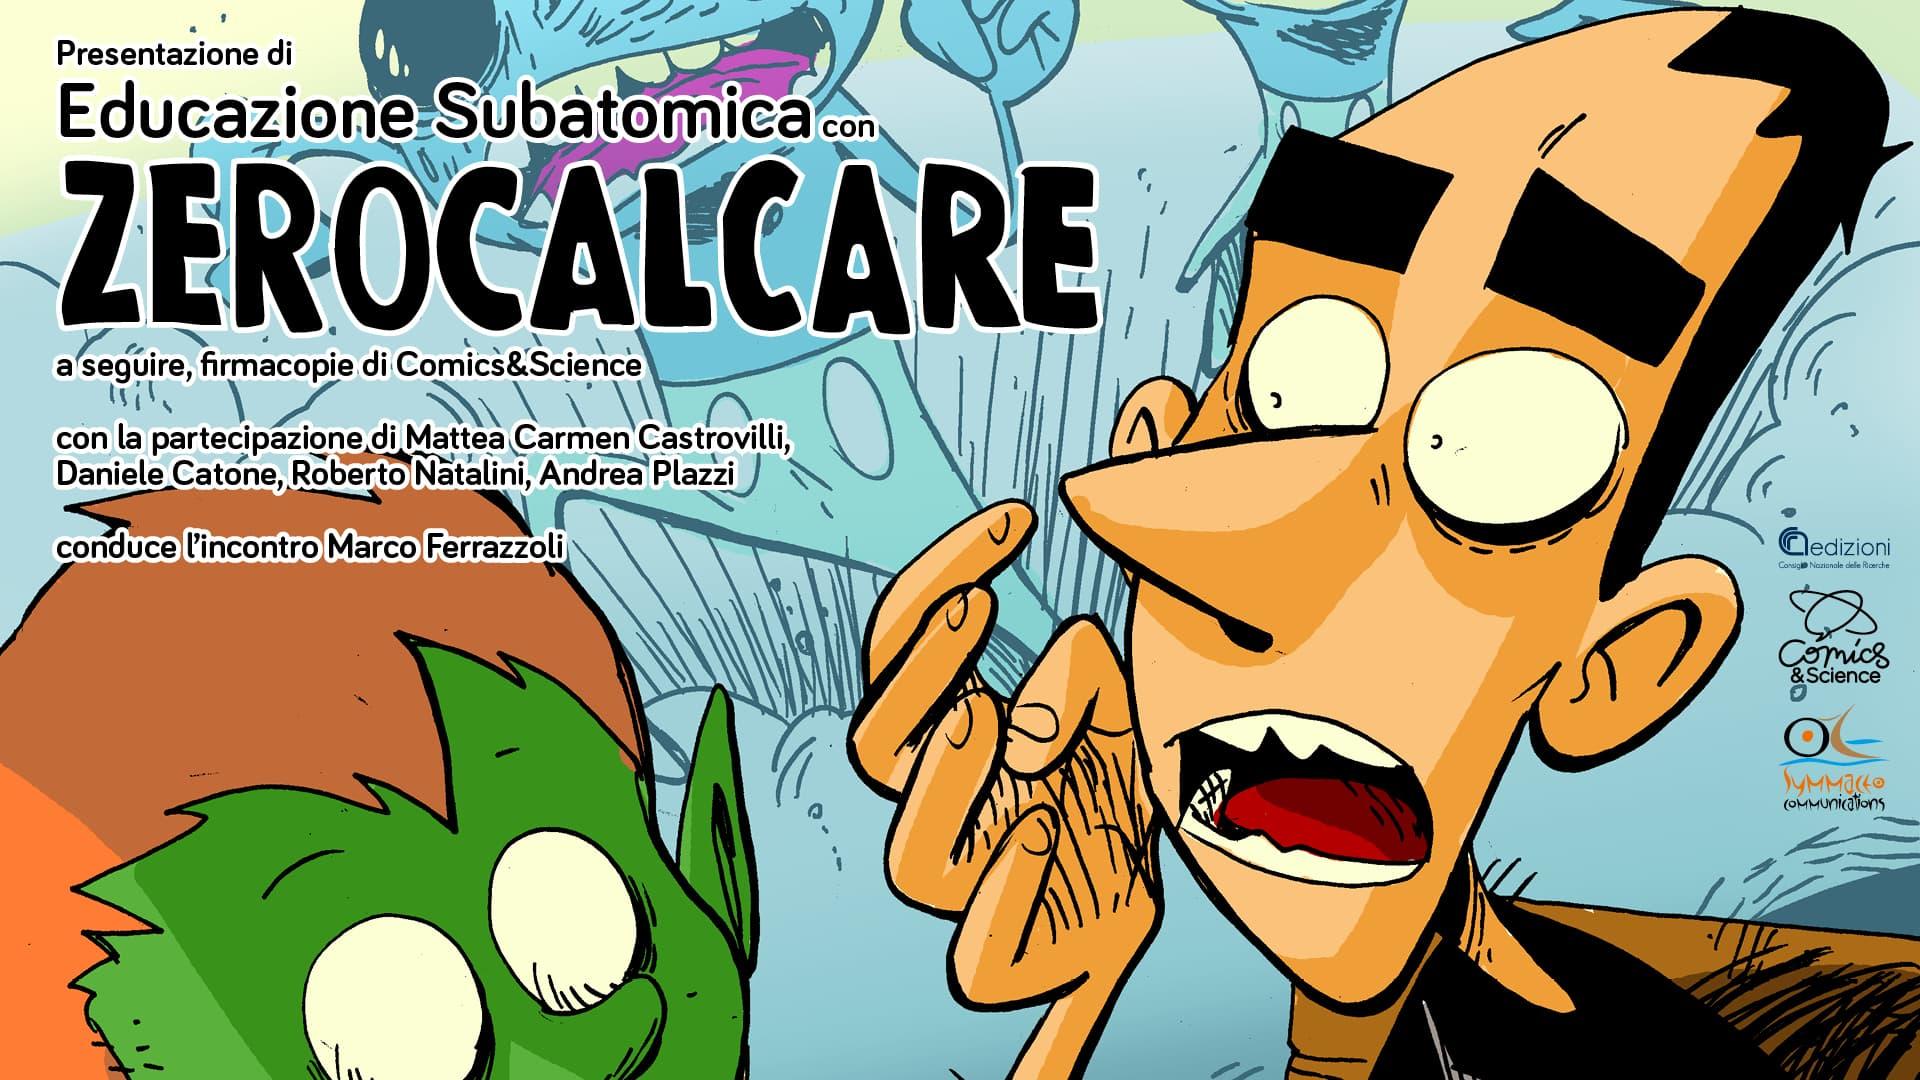 """""""Educazione subatomica"""": un incontro al CNR per presentare il fumetto di Zerocalcare thumbnail"""